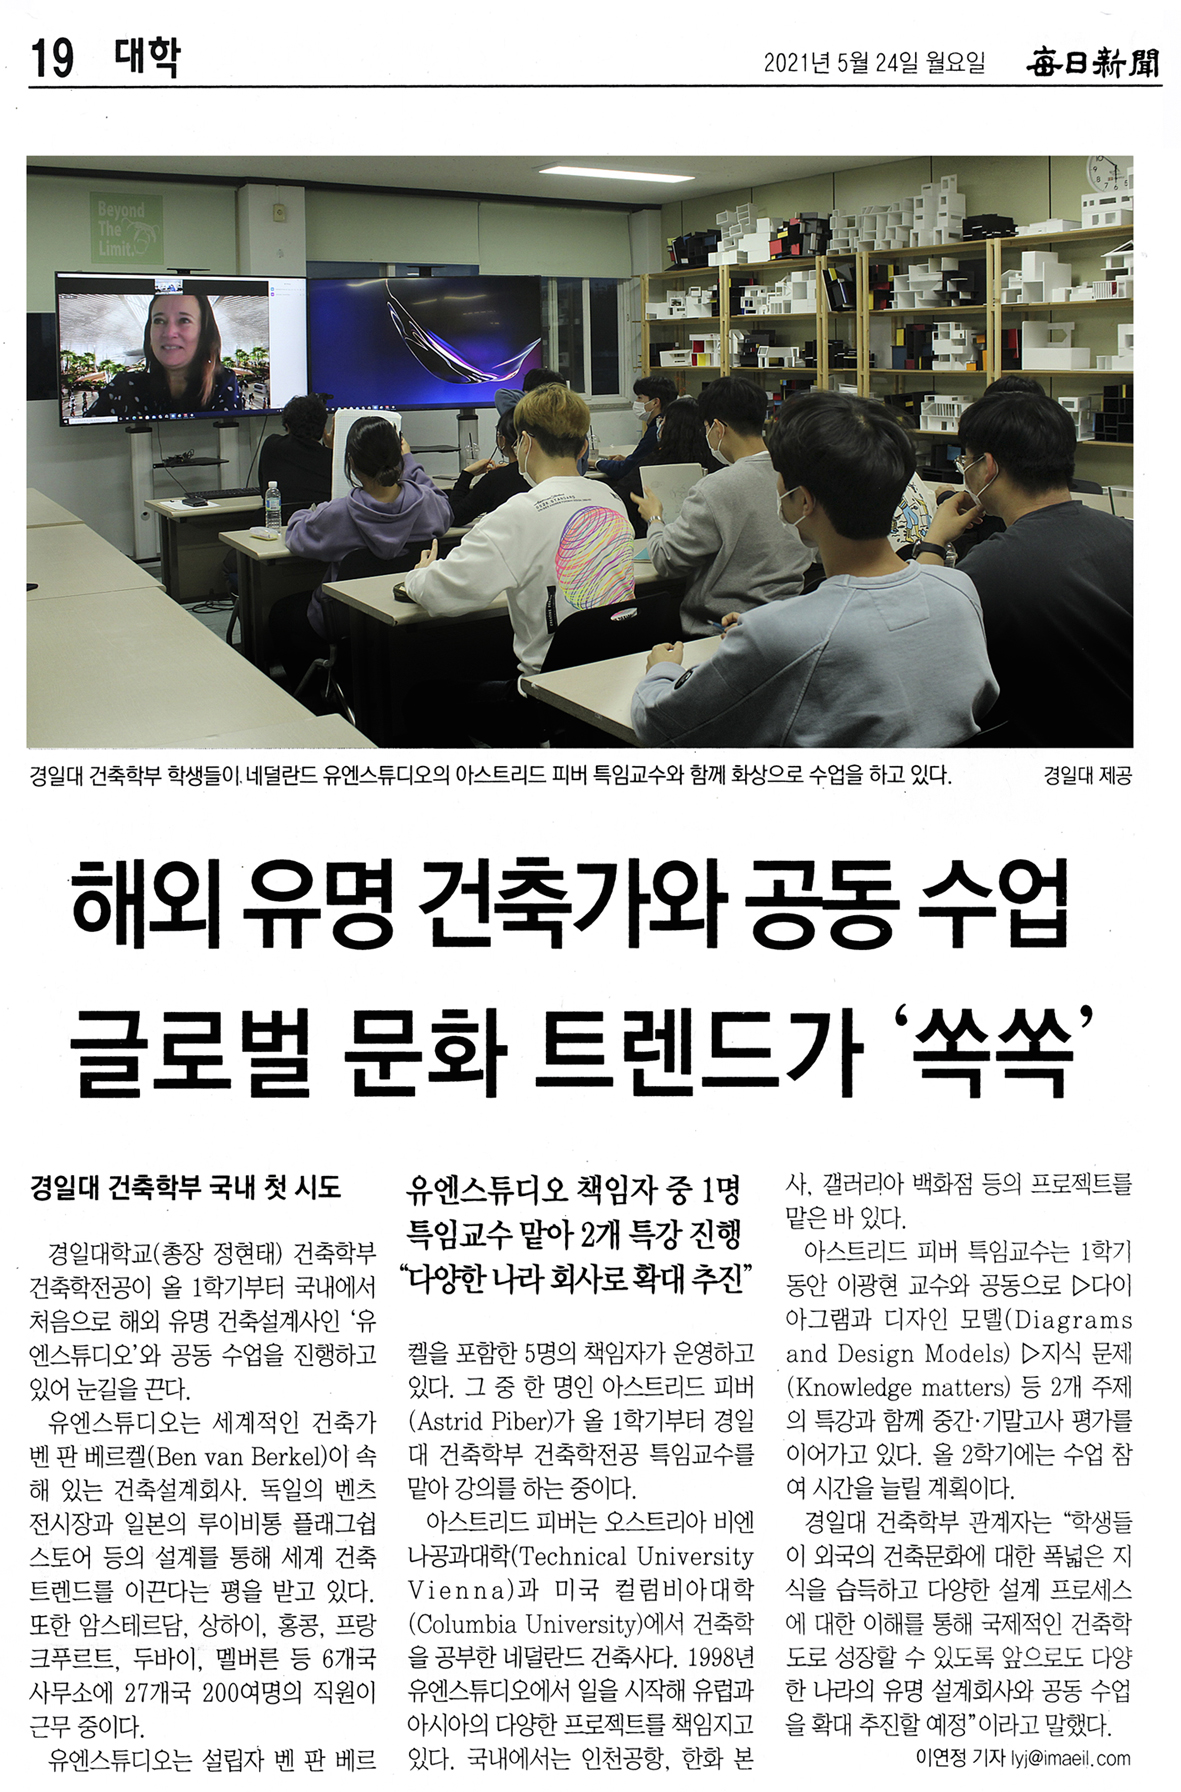 매일신문_해외 유명 건축가와 공동 수업 글로벌 문화 트렌드가 '쏙쏙'